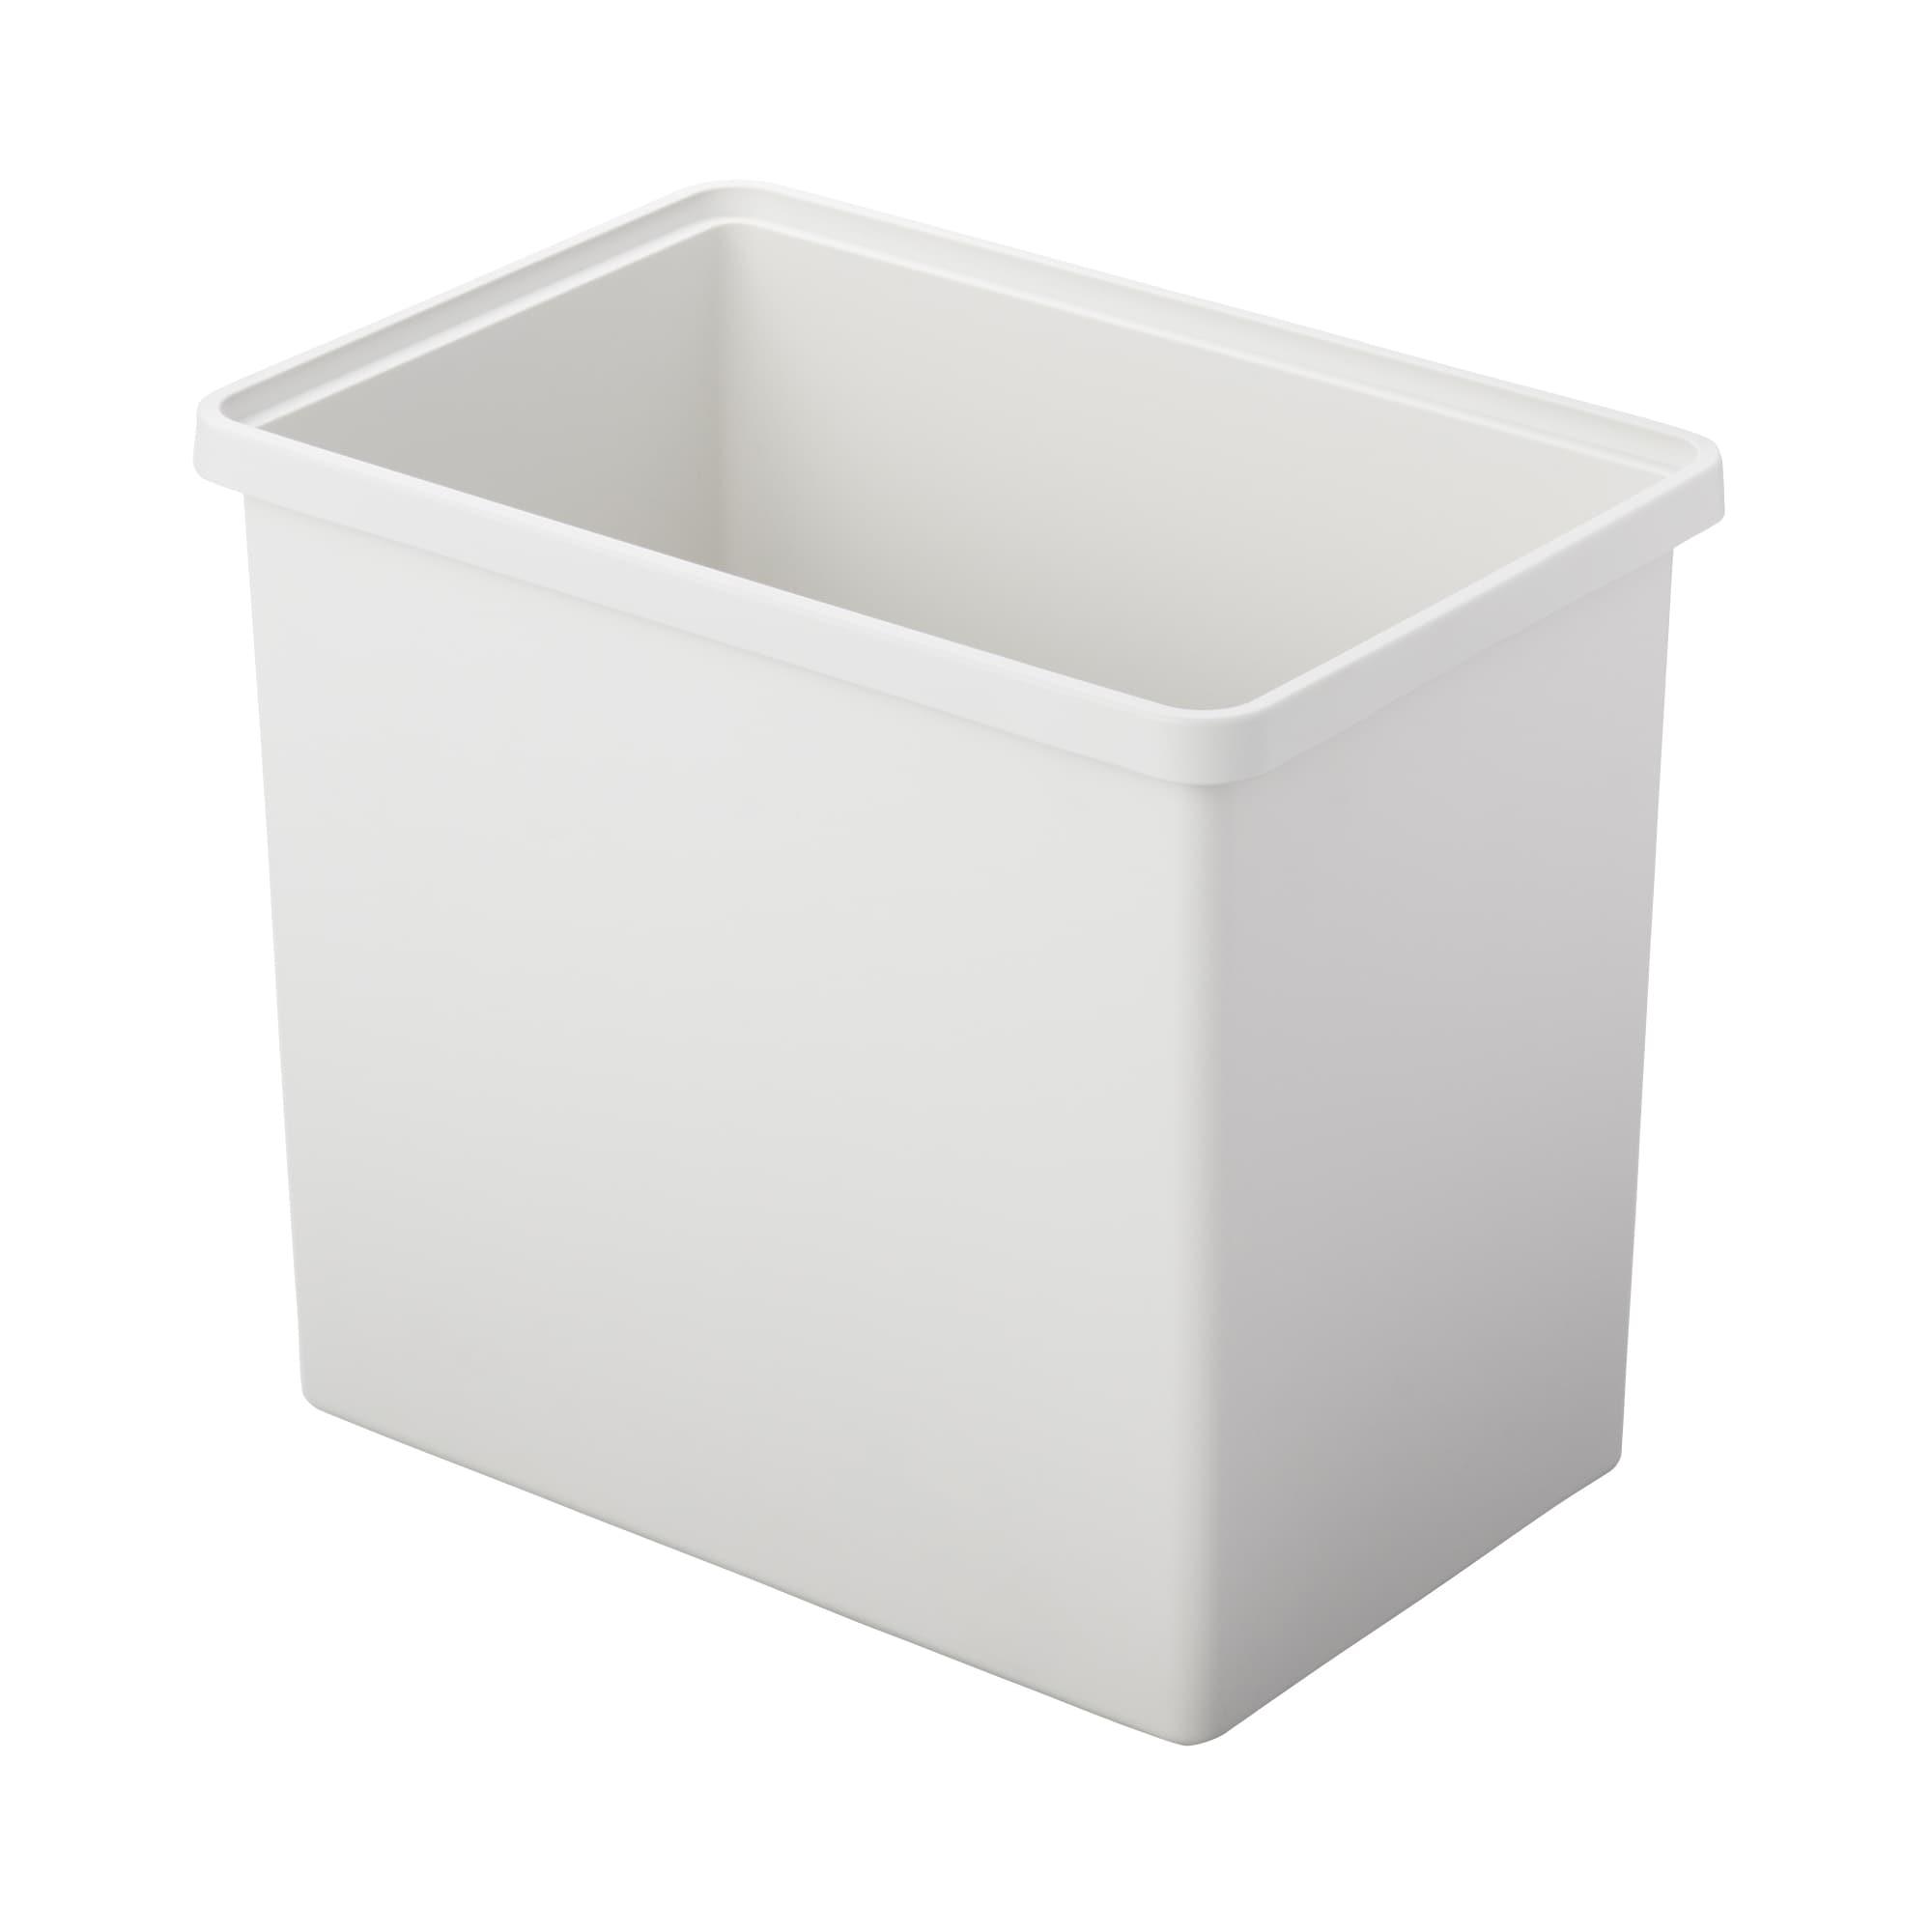 [무인양품] MUJI 폴리프로필렌 수납박스・깊은형・화이트 그레이 일본공식스토어 상품